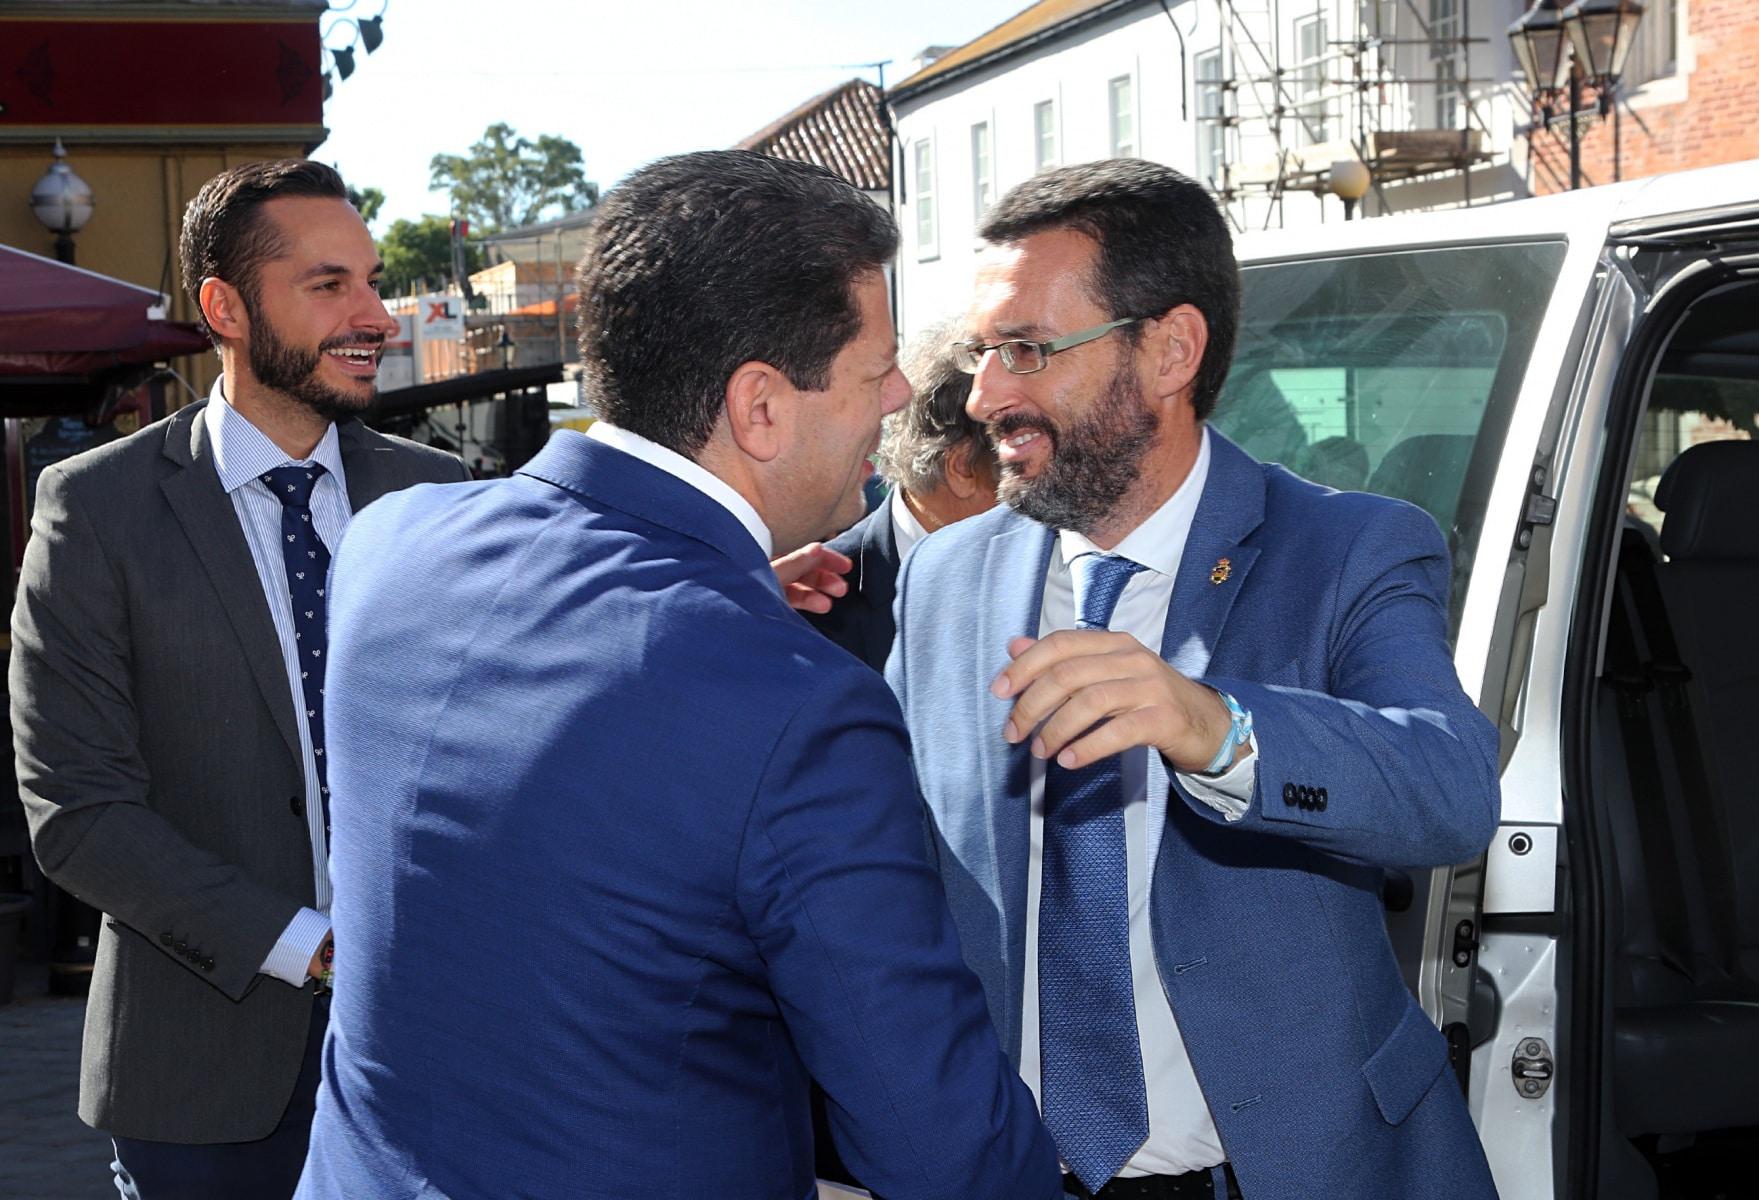 visita-del-alcalde-de-la-lnea-al-ministro-principal-de-gibraltar_48954793092_o